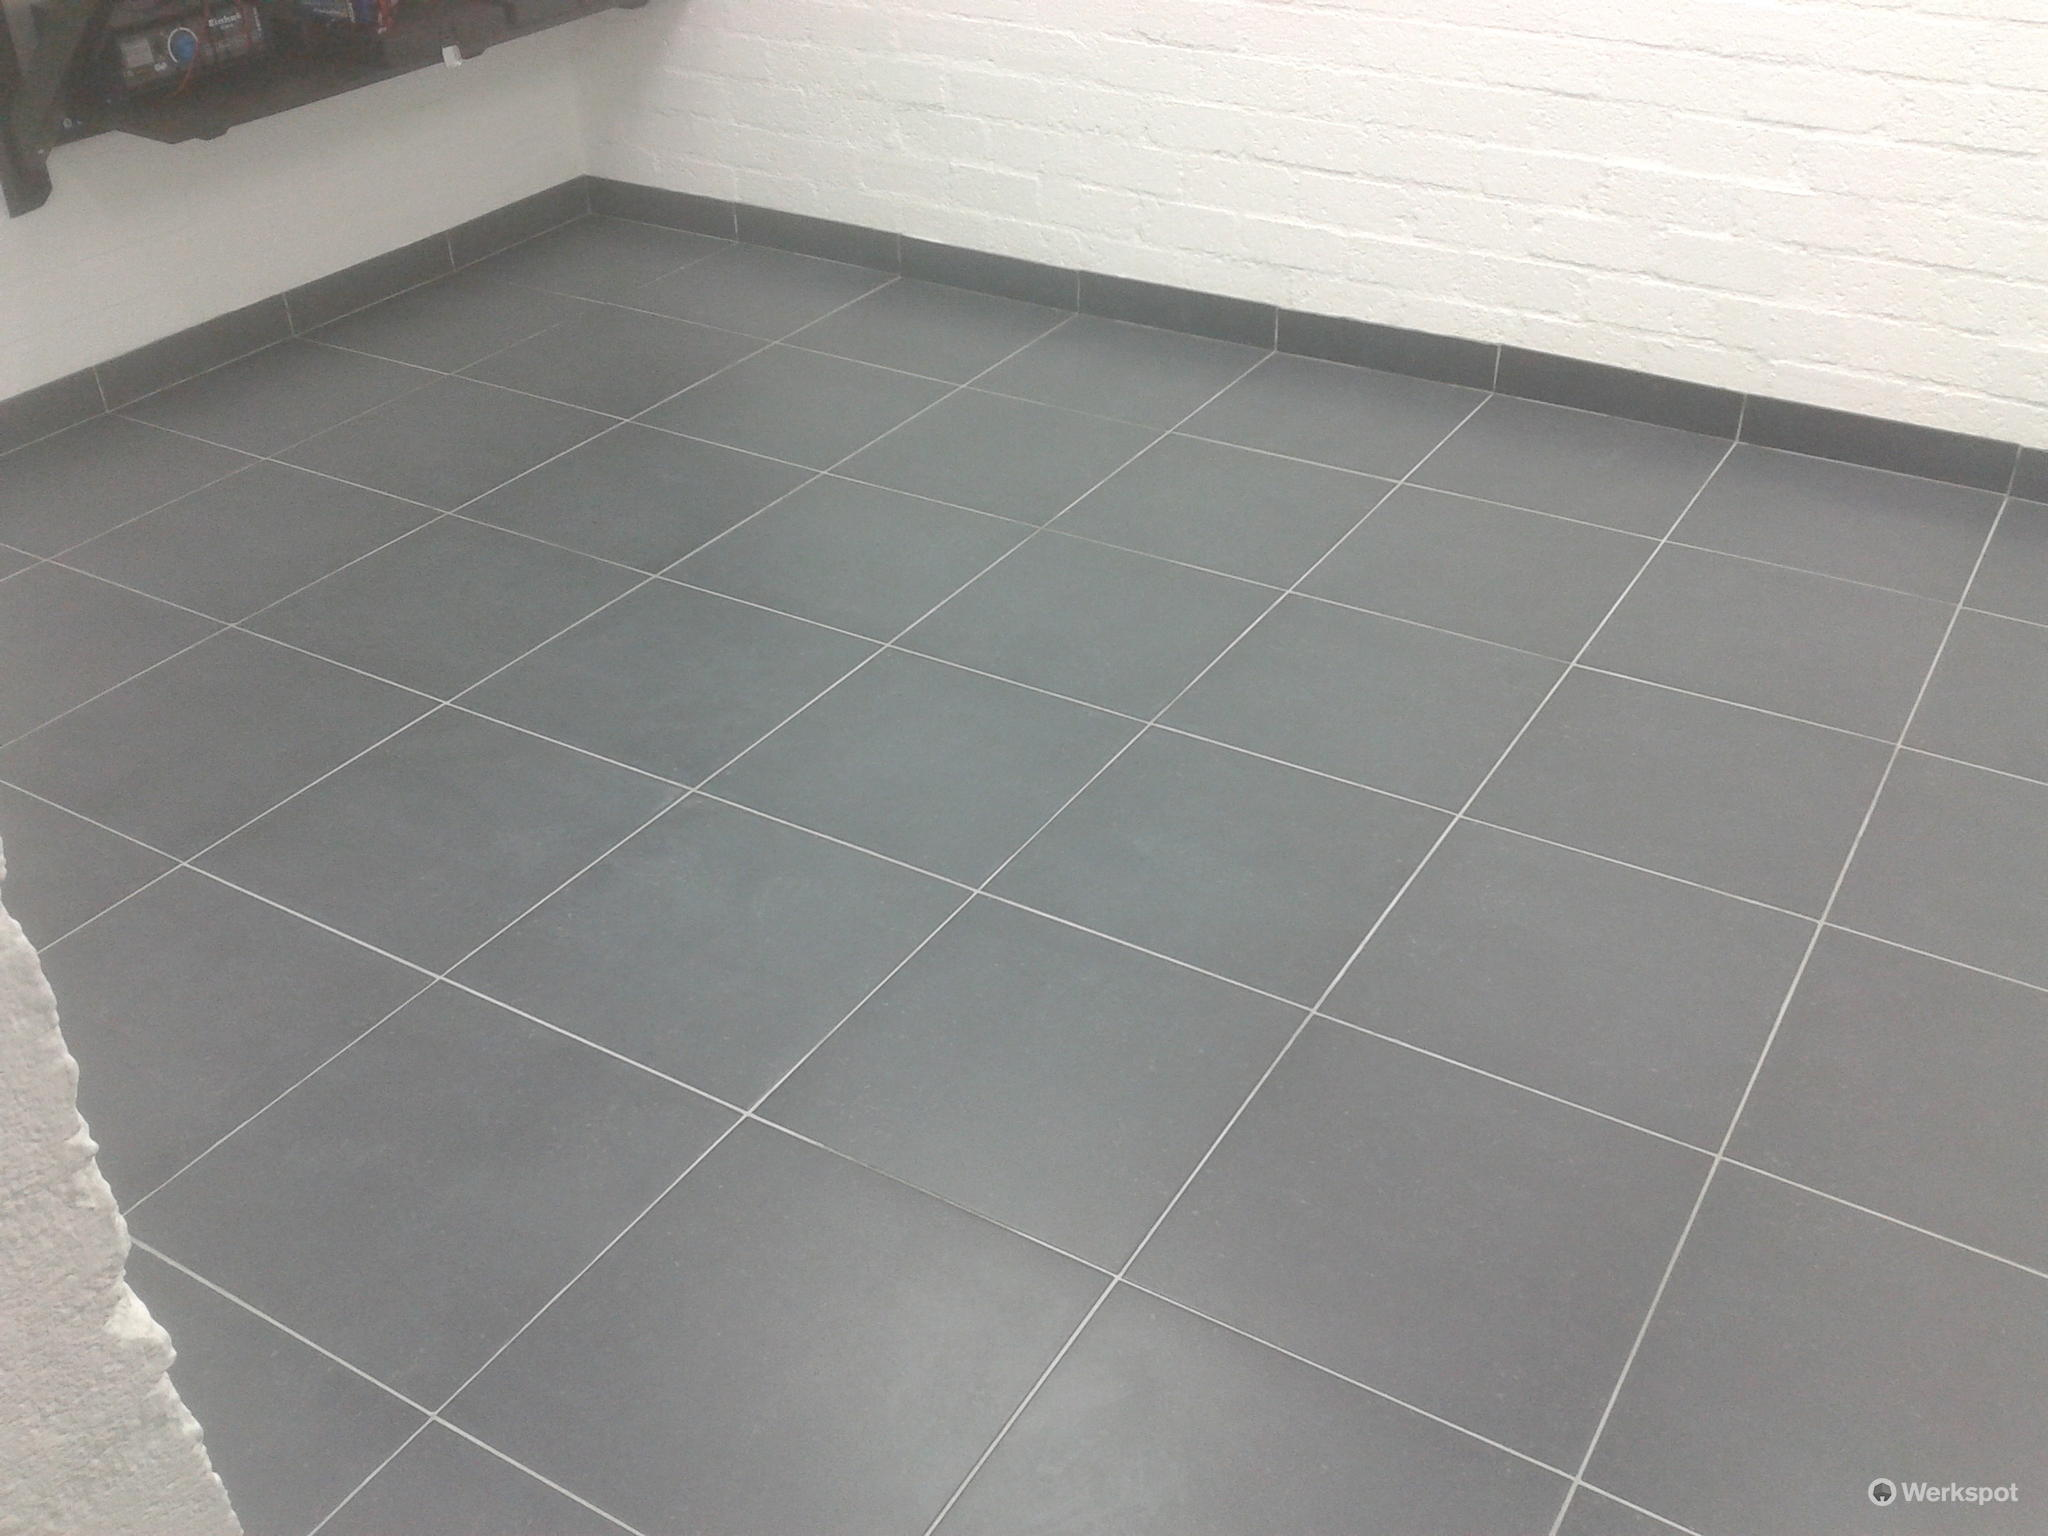 Tegelvloer leggen garage 6x3mtr werkspot - Tegelvloer badkamer ...